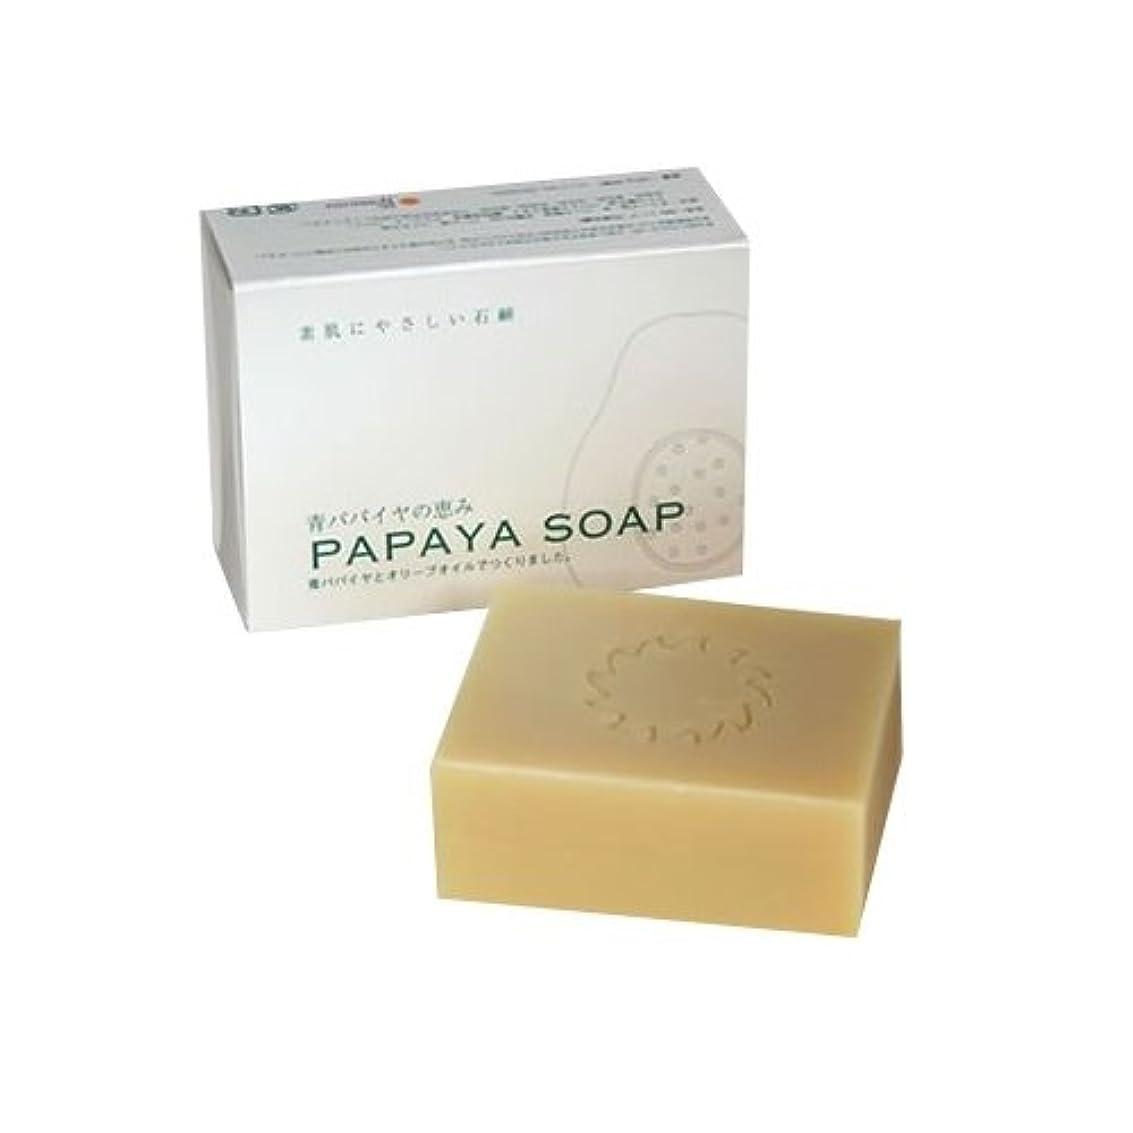 ミシン目砂のランク青パパイヤの恵み PAPAYA SOAP(パパイヤソープ) 100g